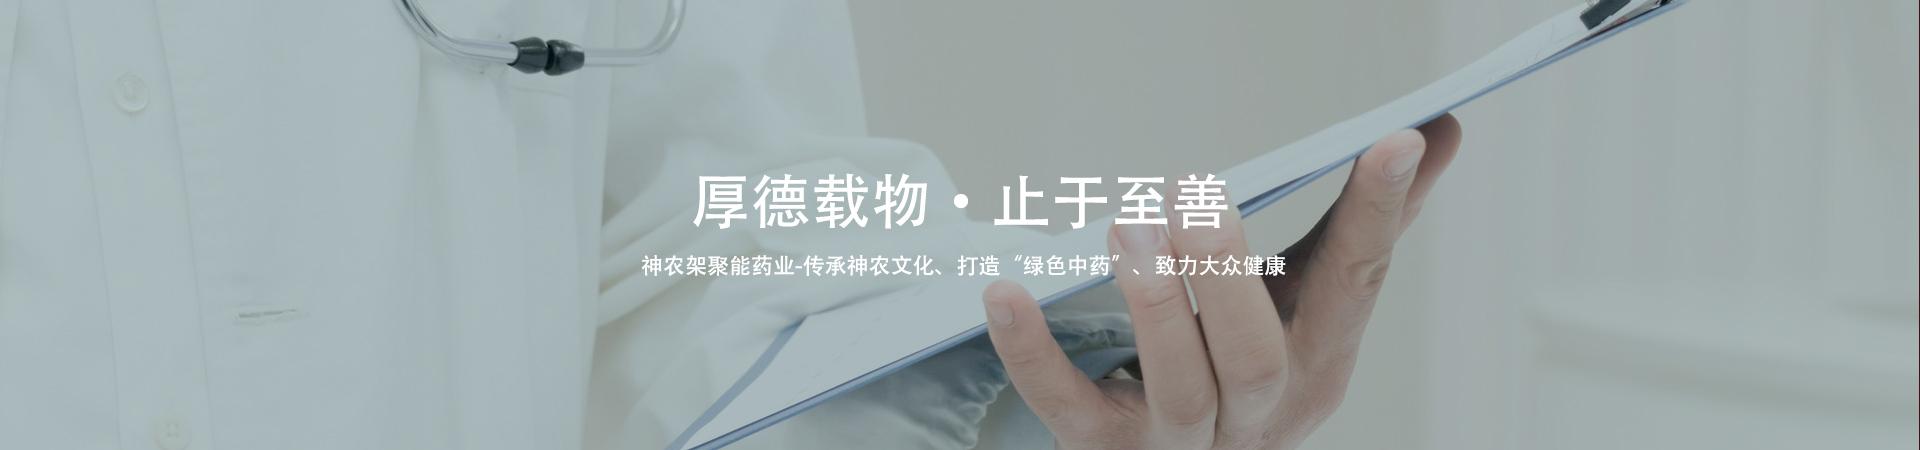 http://www.snjjn.cn/data/upload/202011/20201117134533_975.jpg